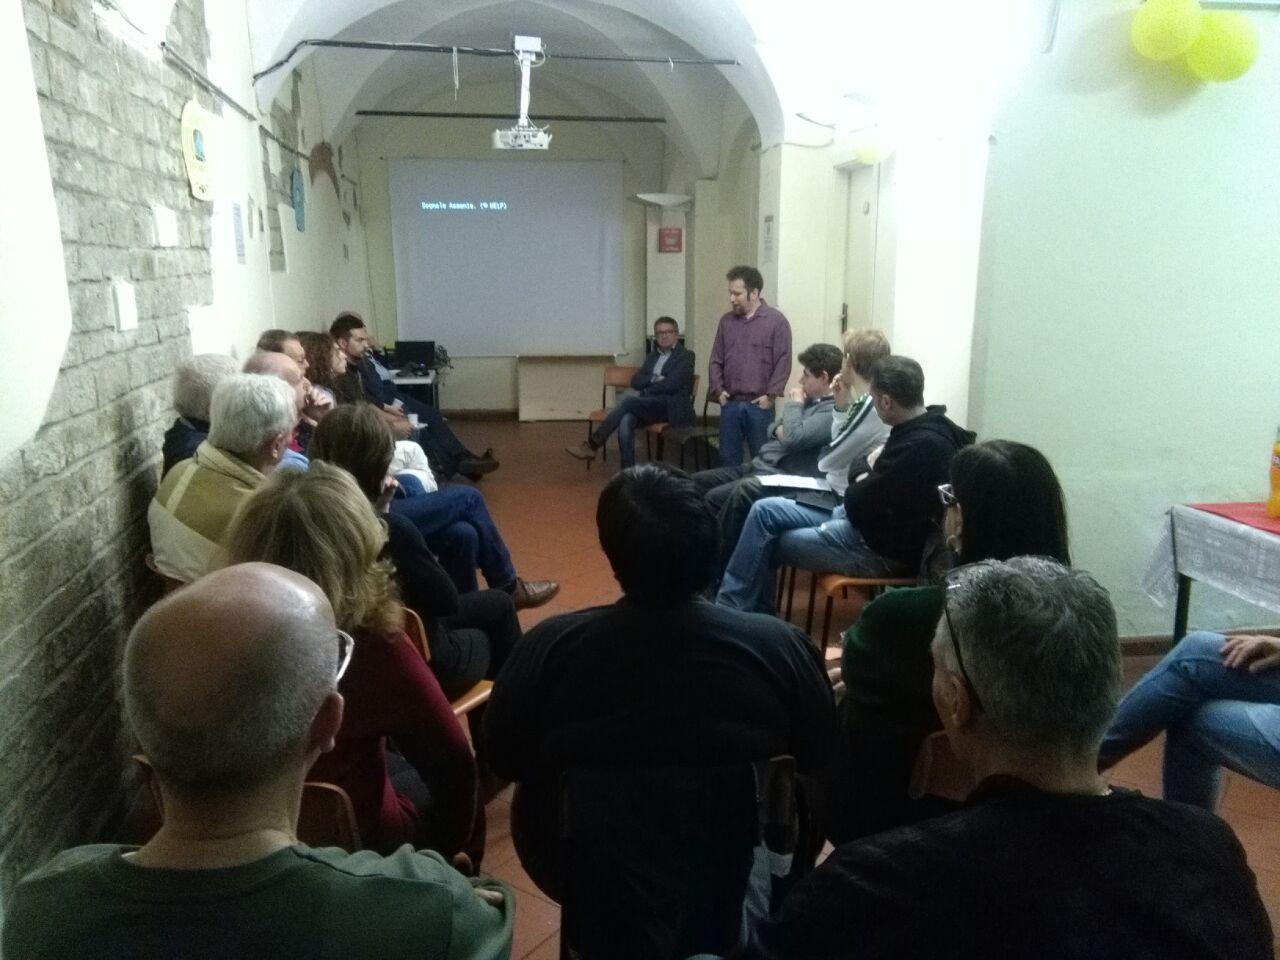 Firenze com'era IsolottoLegnaia.it